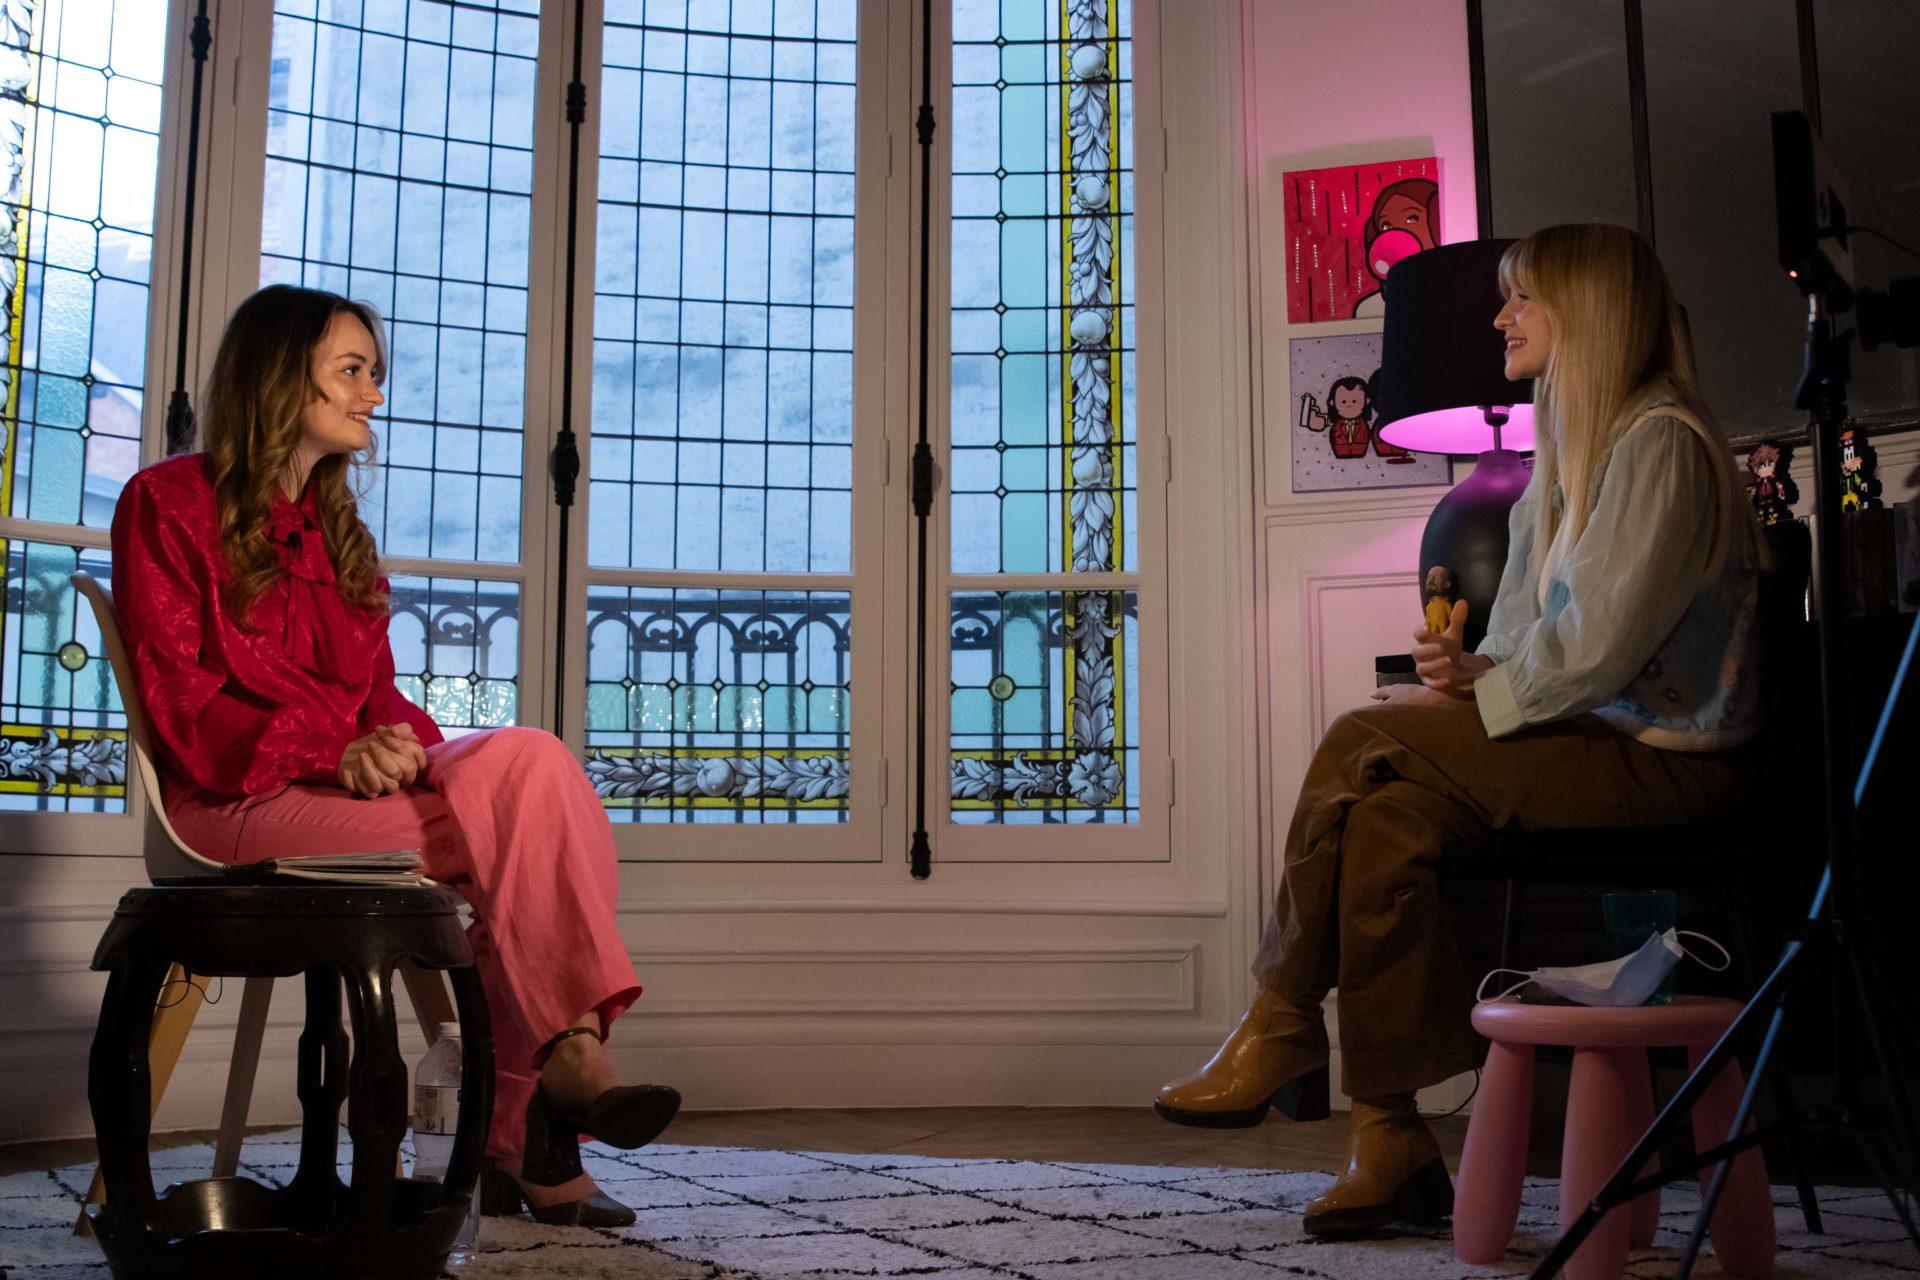 Rencontre: Constance Arnoult lance son média culturel L'Eloge et s'adonne à de nouveaux projets de comédie